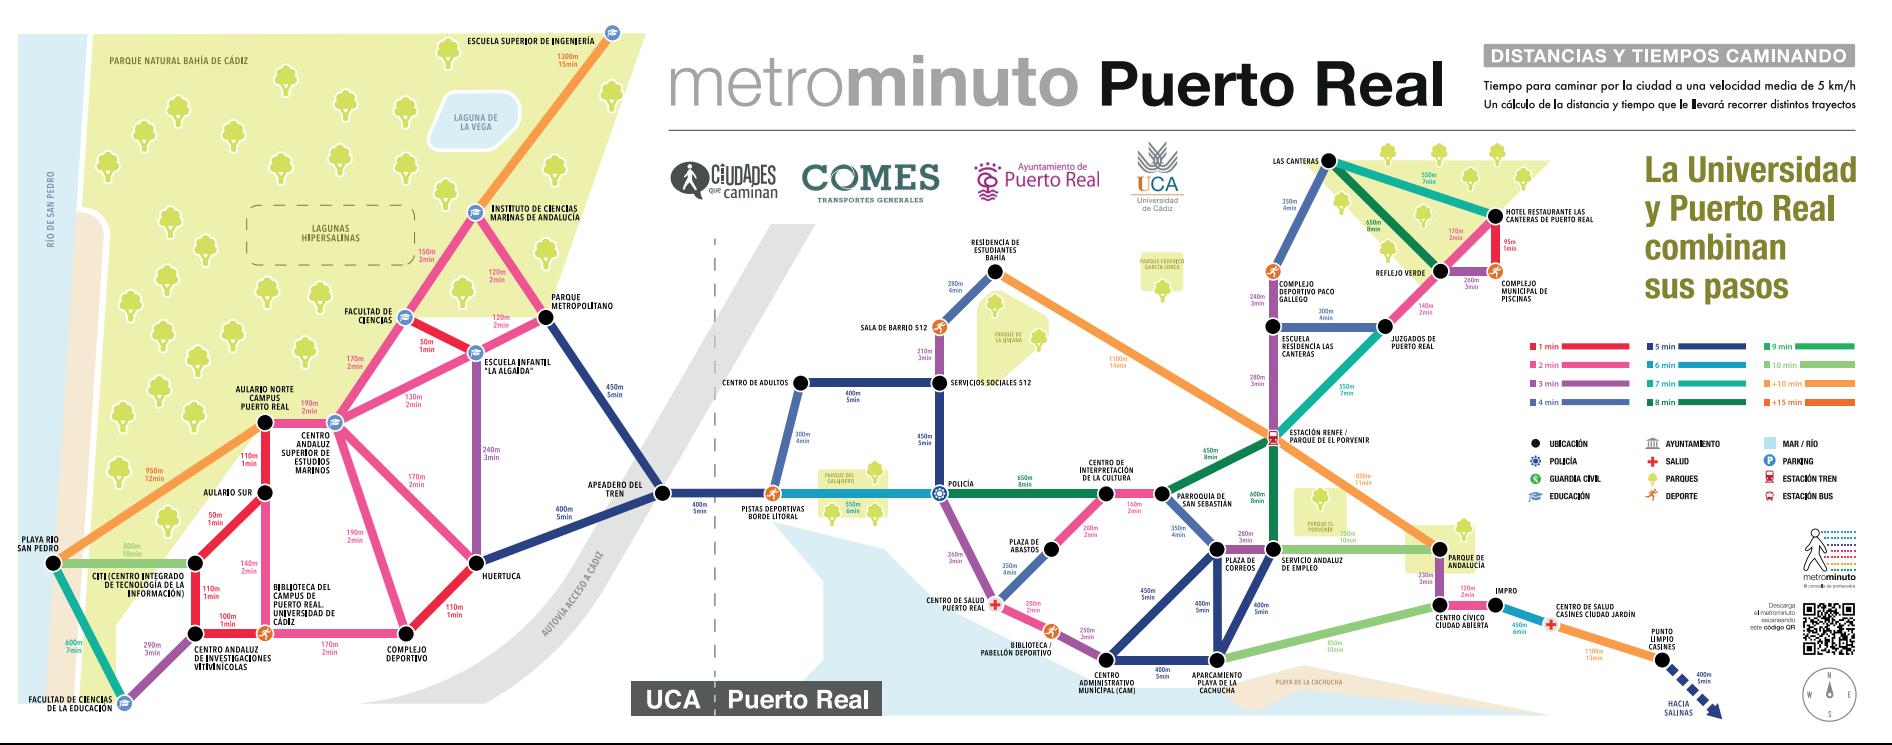 """Presentamos la Campaña de Sensibilización Metrominuto """"La Universidad y Puerto Real combinan sus pasos"""""""